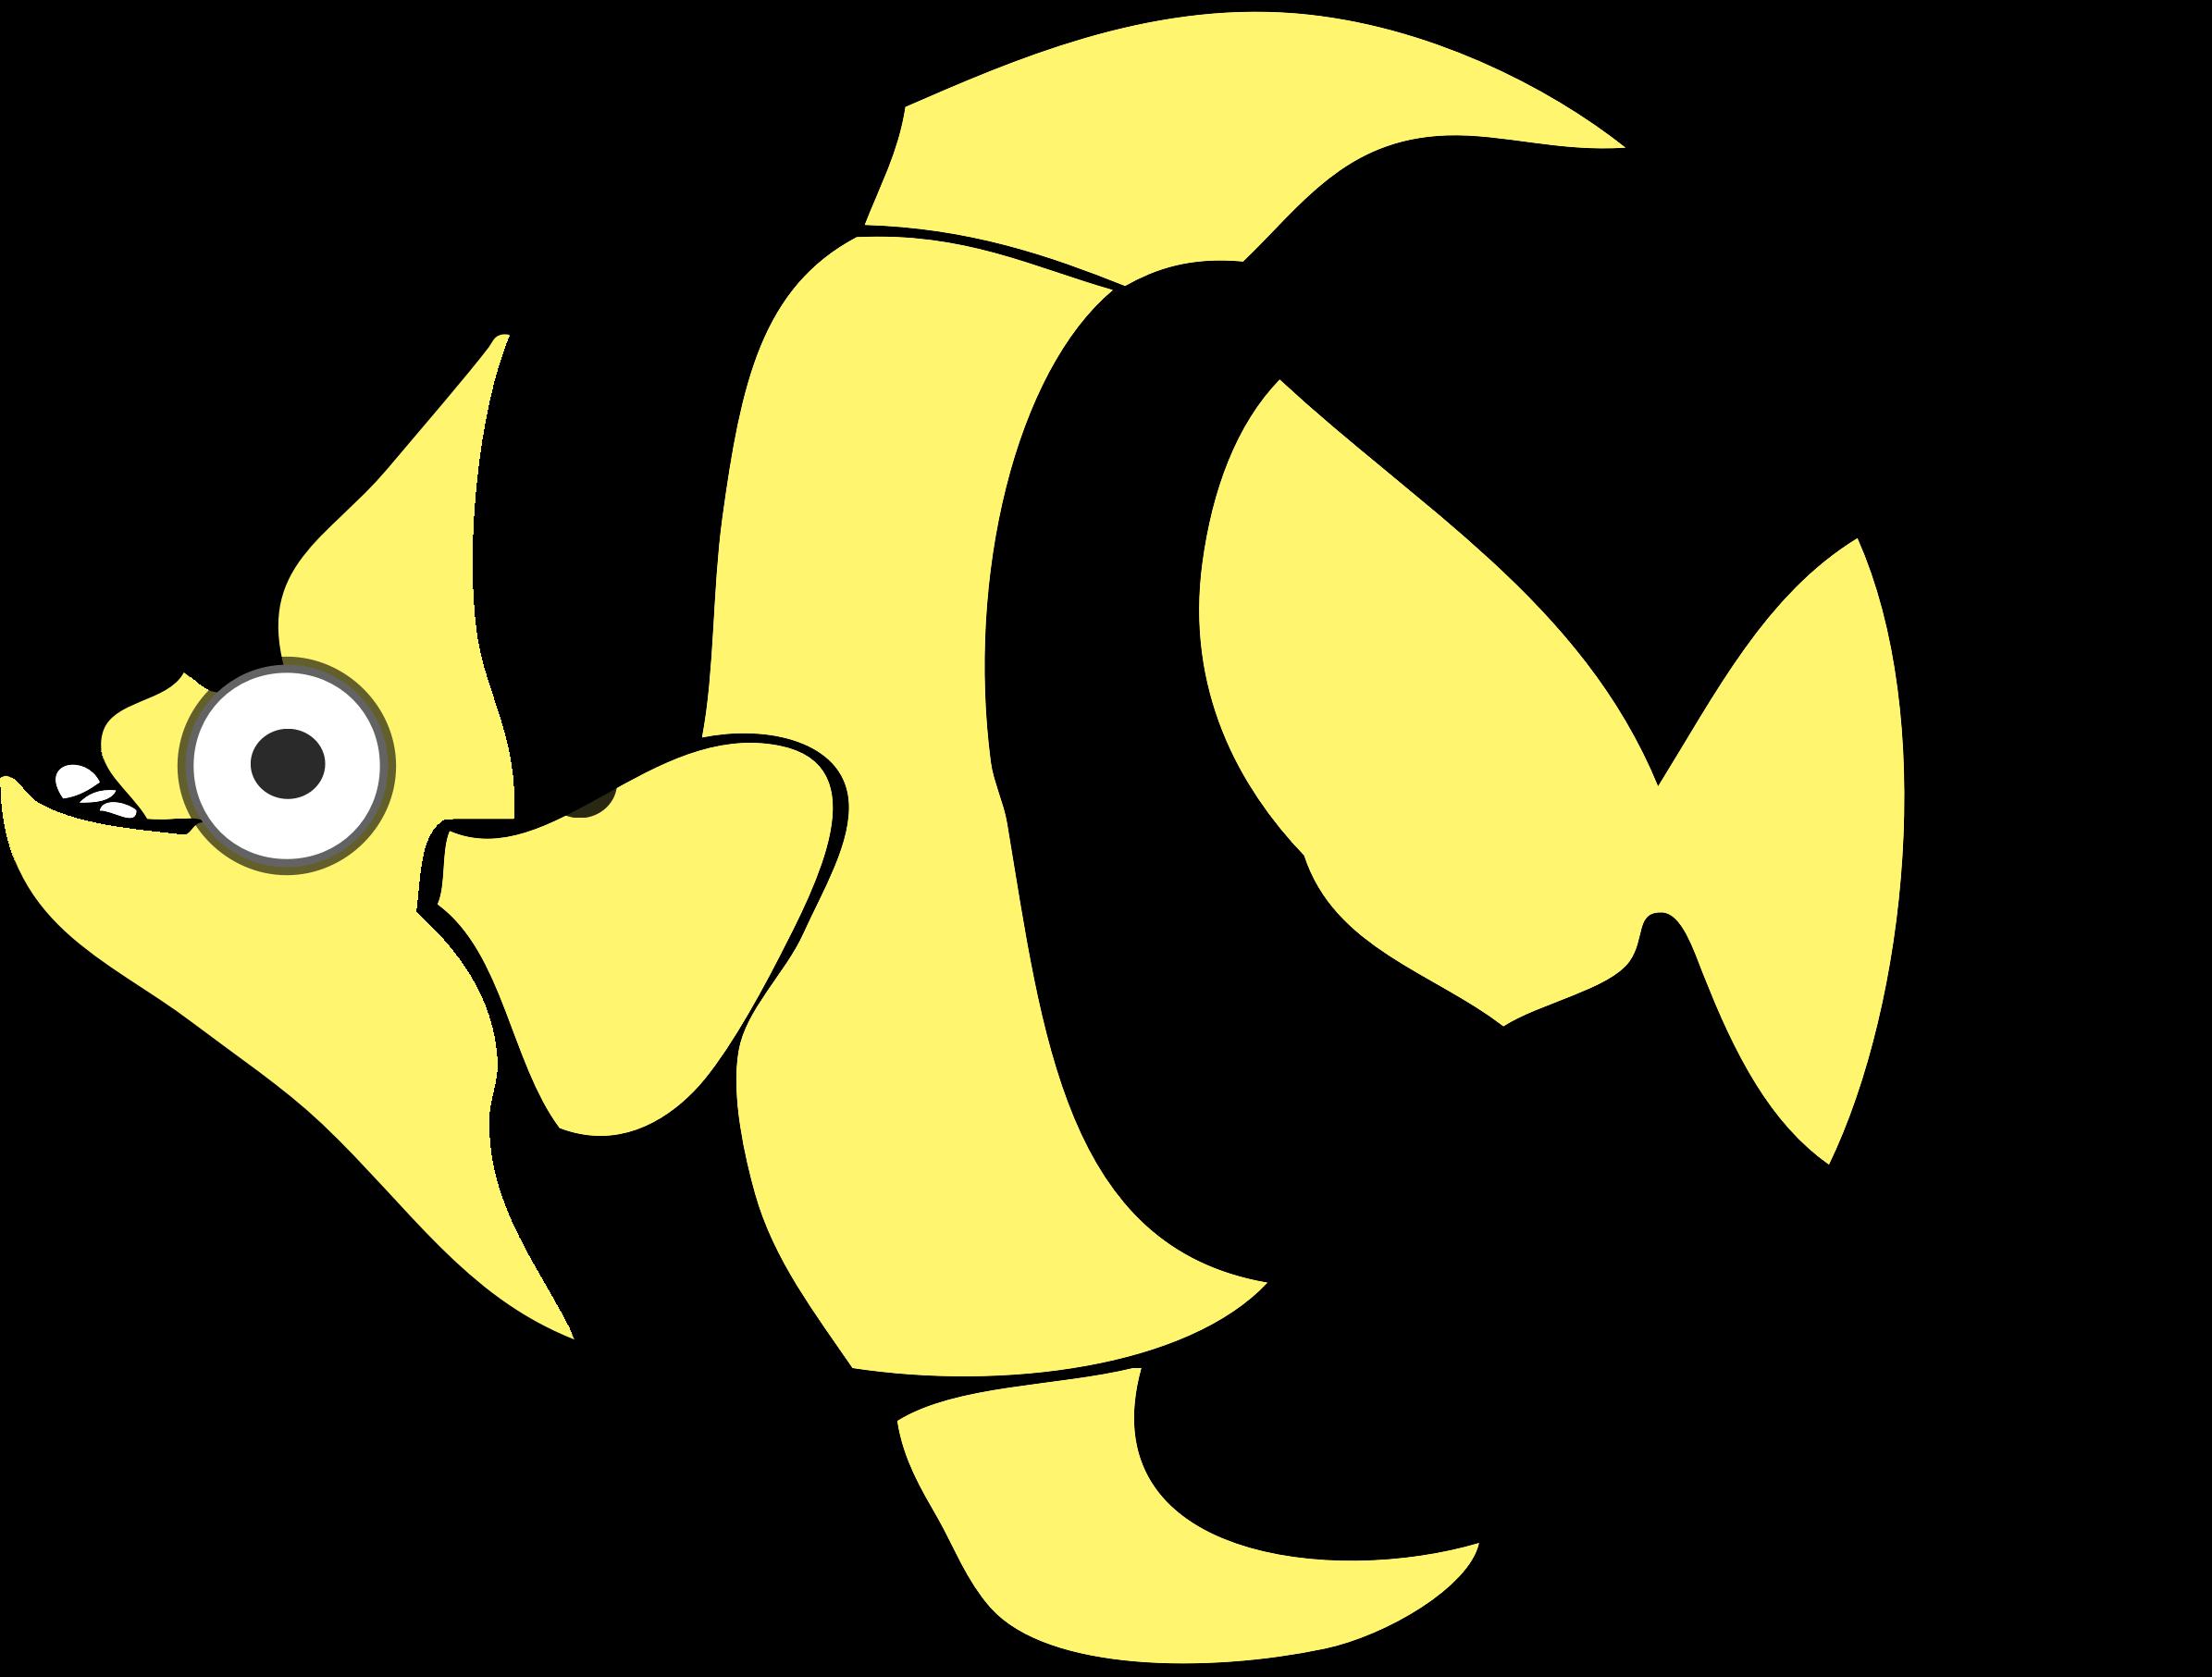 Clipart octopus fish. Tropical cartoons group cartoon